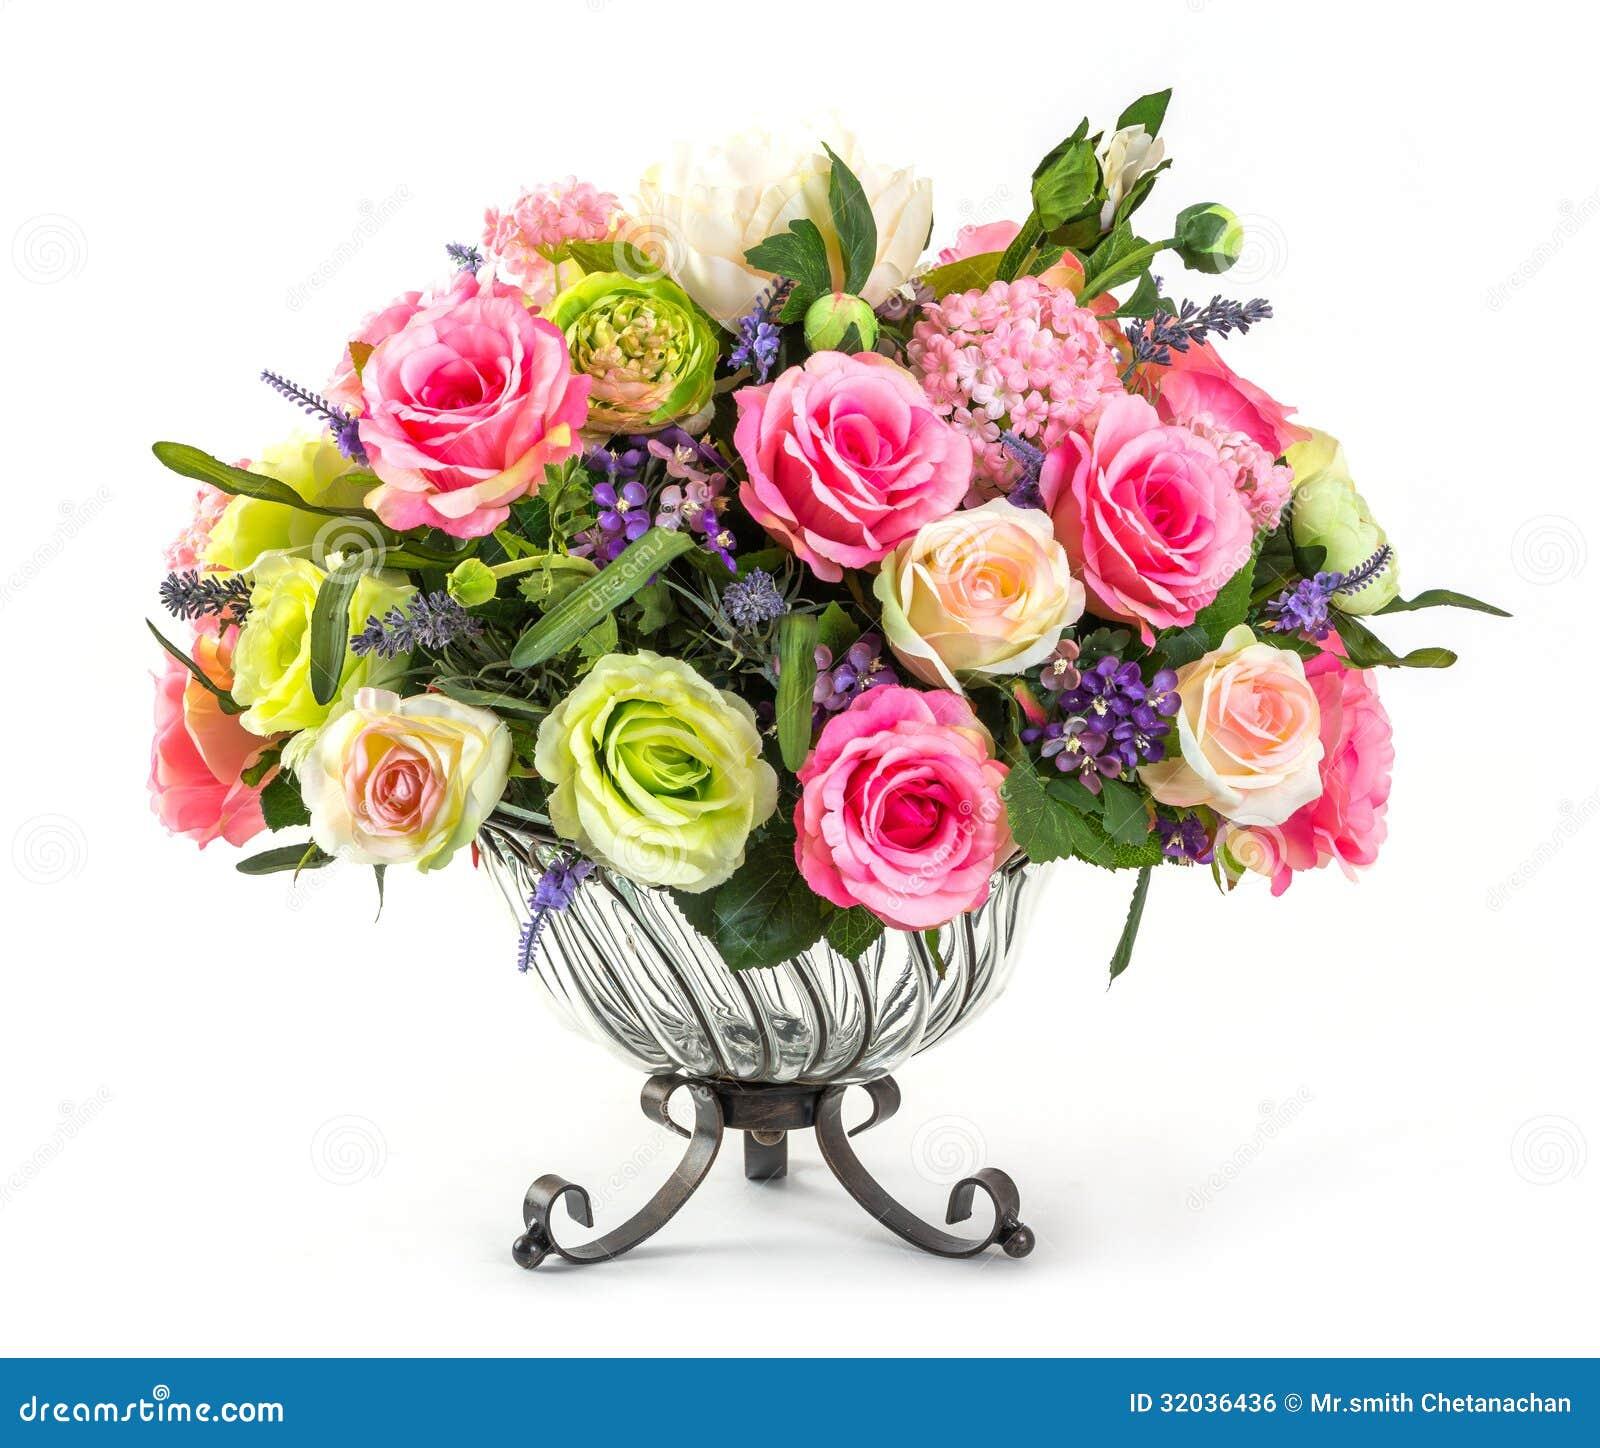 bouquet des roses dans le vase en verre image libre de droits image 32036436. Black Bedroom Furniture Sets. Home Design Ideas